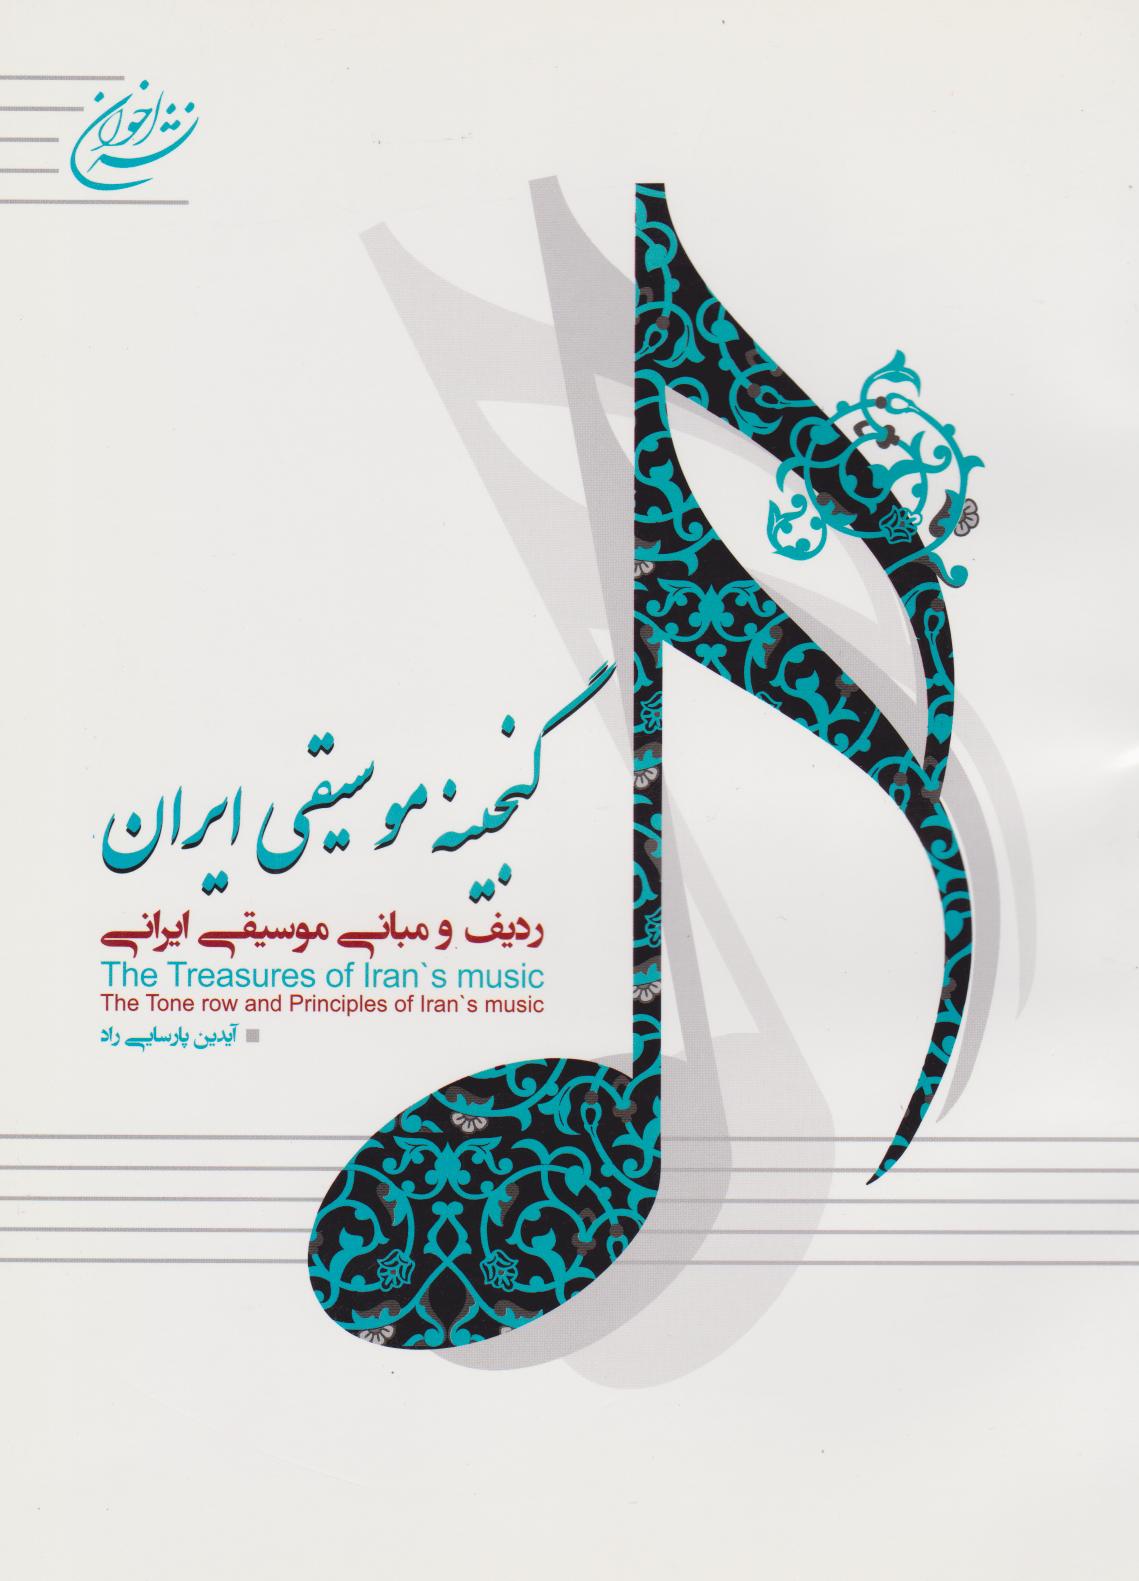 کتاب گنجینه موسیقی ایران آیدین پارسایی راد انتشارات اخوان